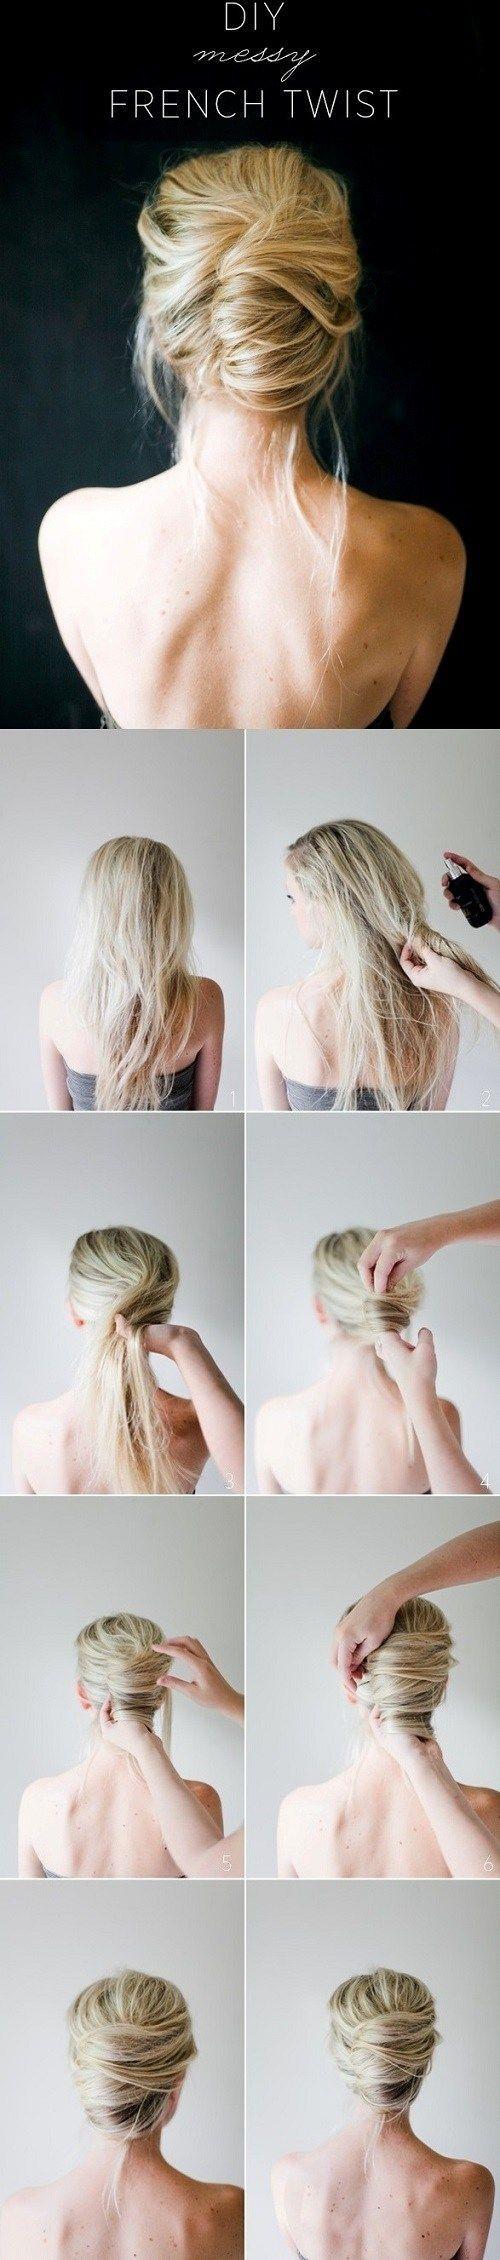 17 Haar Tutorials können Sie völlig DIY – #DIY #Haar #können #sie #Tutorials …